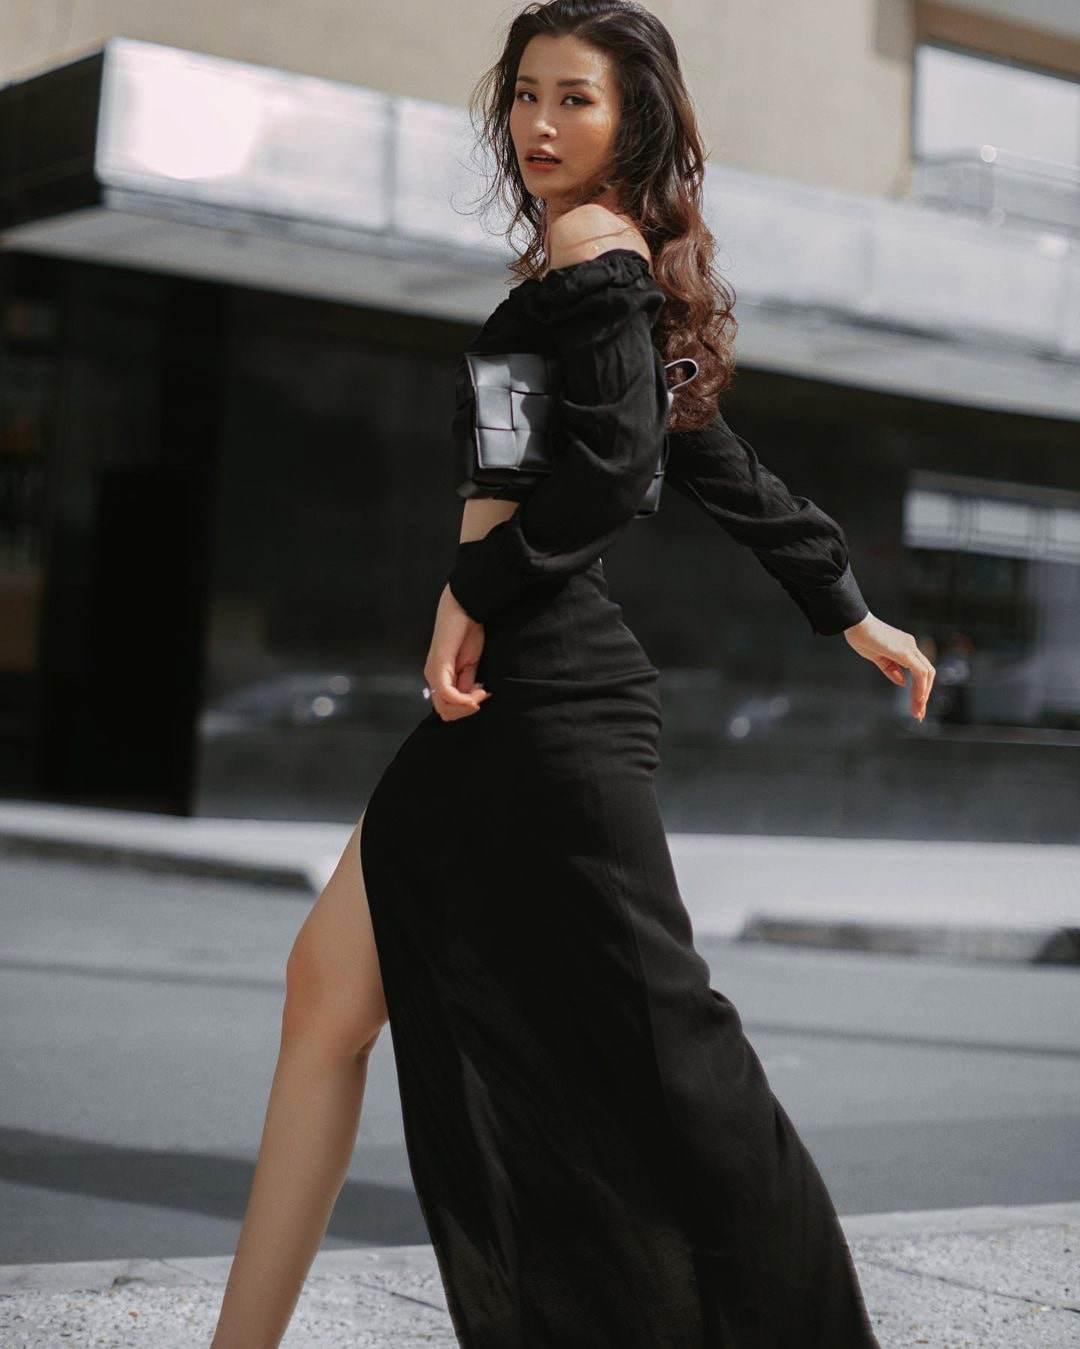 Không mê hở hang, Đông Nhira phố mặc kín bưng nhưng áo căng chật, thấy ngay đặc điểmmẹ bỉm - 14